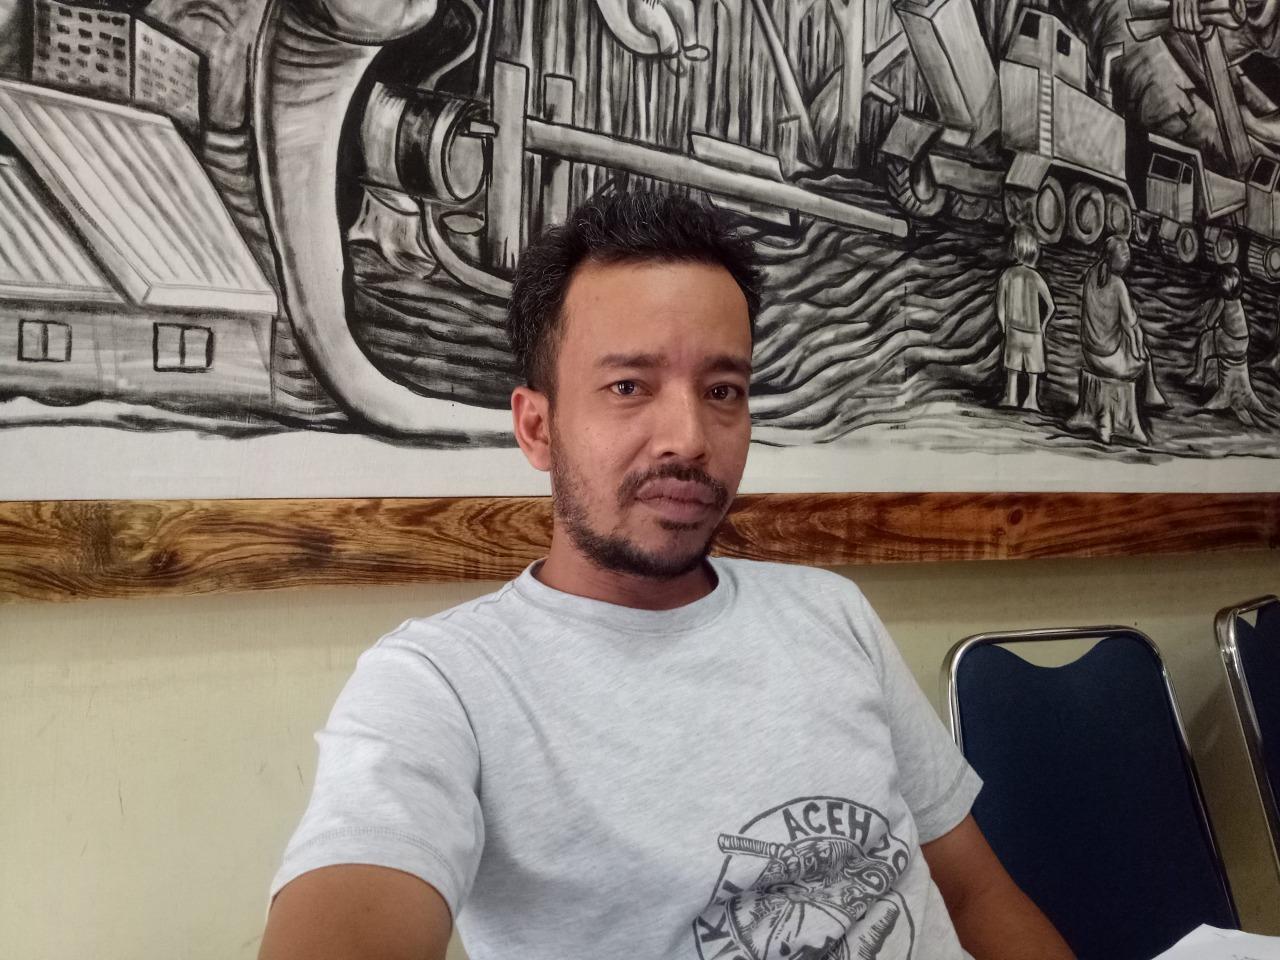 MaTa Nilai Pemerintah Aceh Tak Responsif dalam Covid-19